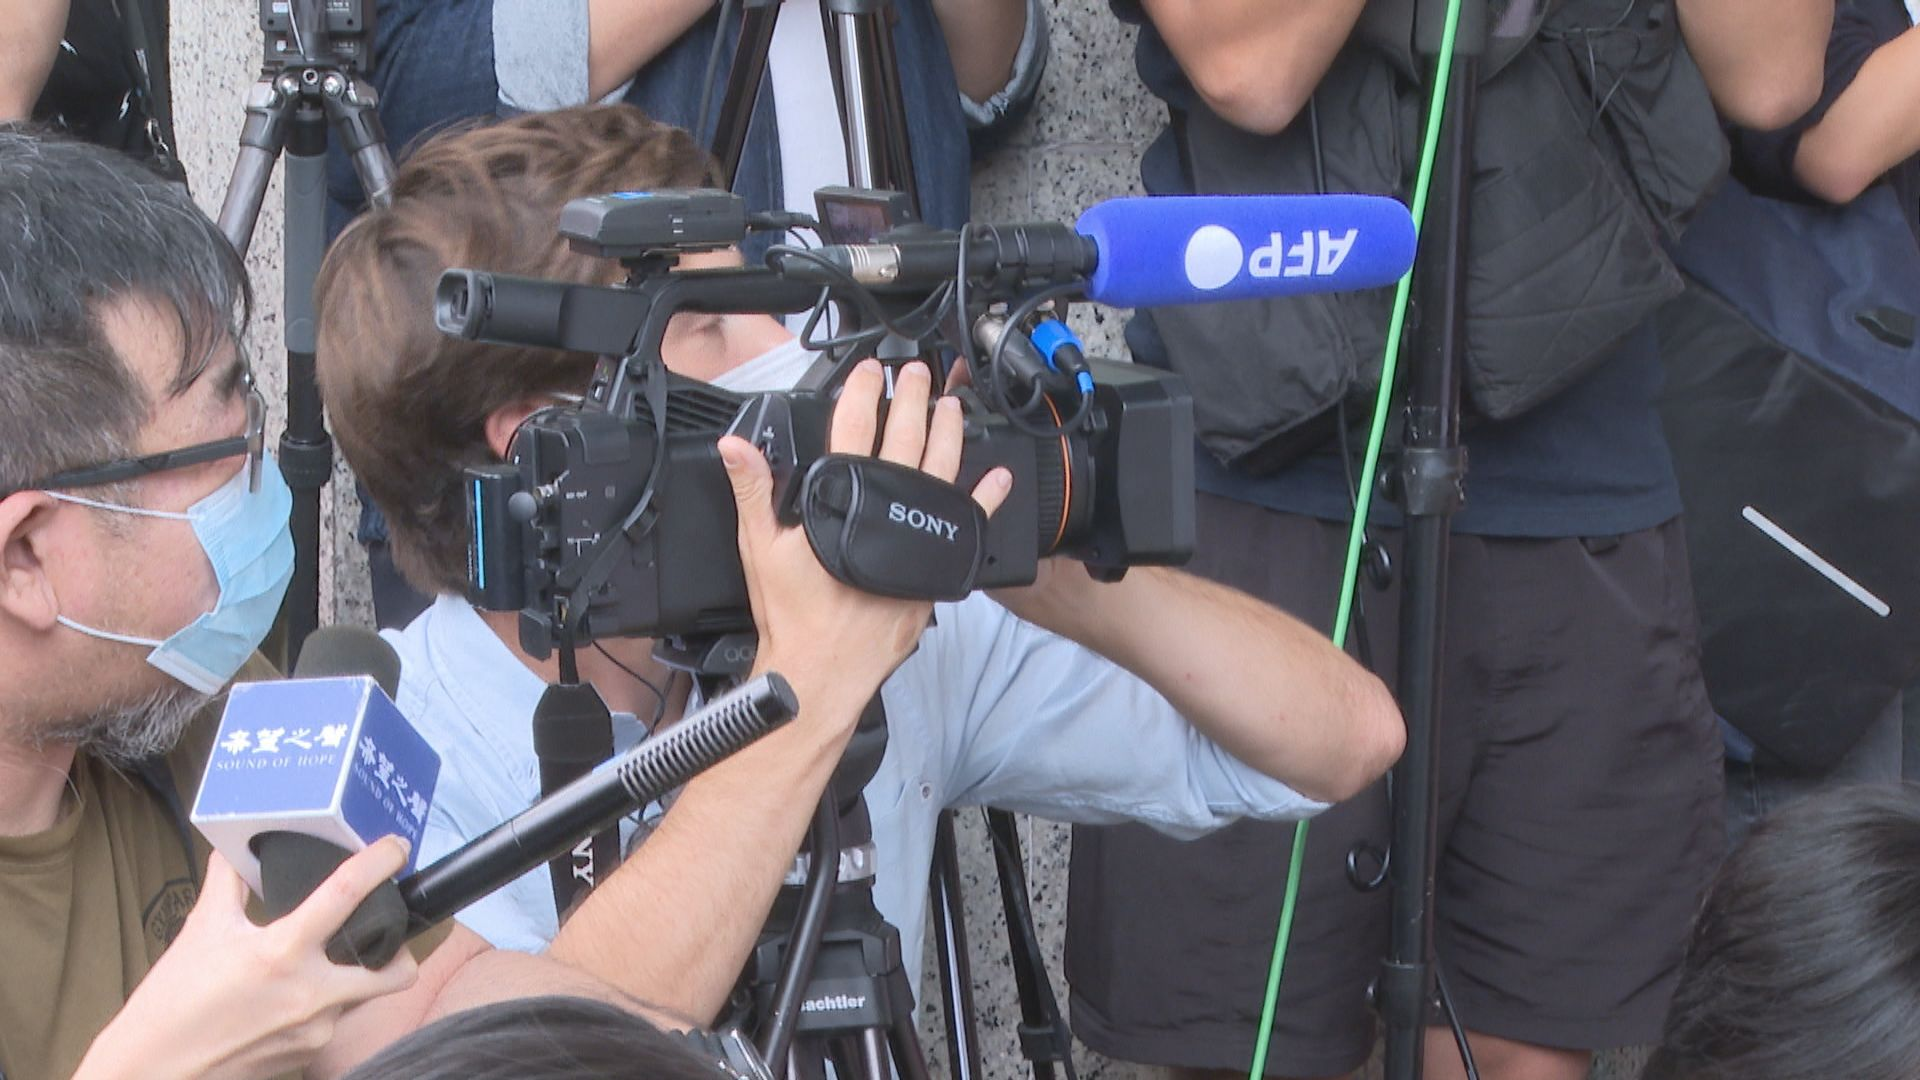 【經緯線本周提要】警例修改「傳媒代表」定義 外媒記者憂不被認可